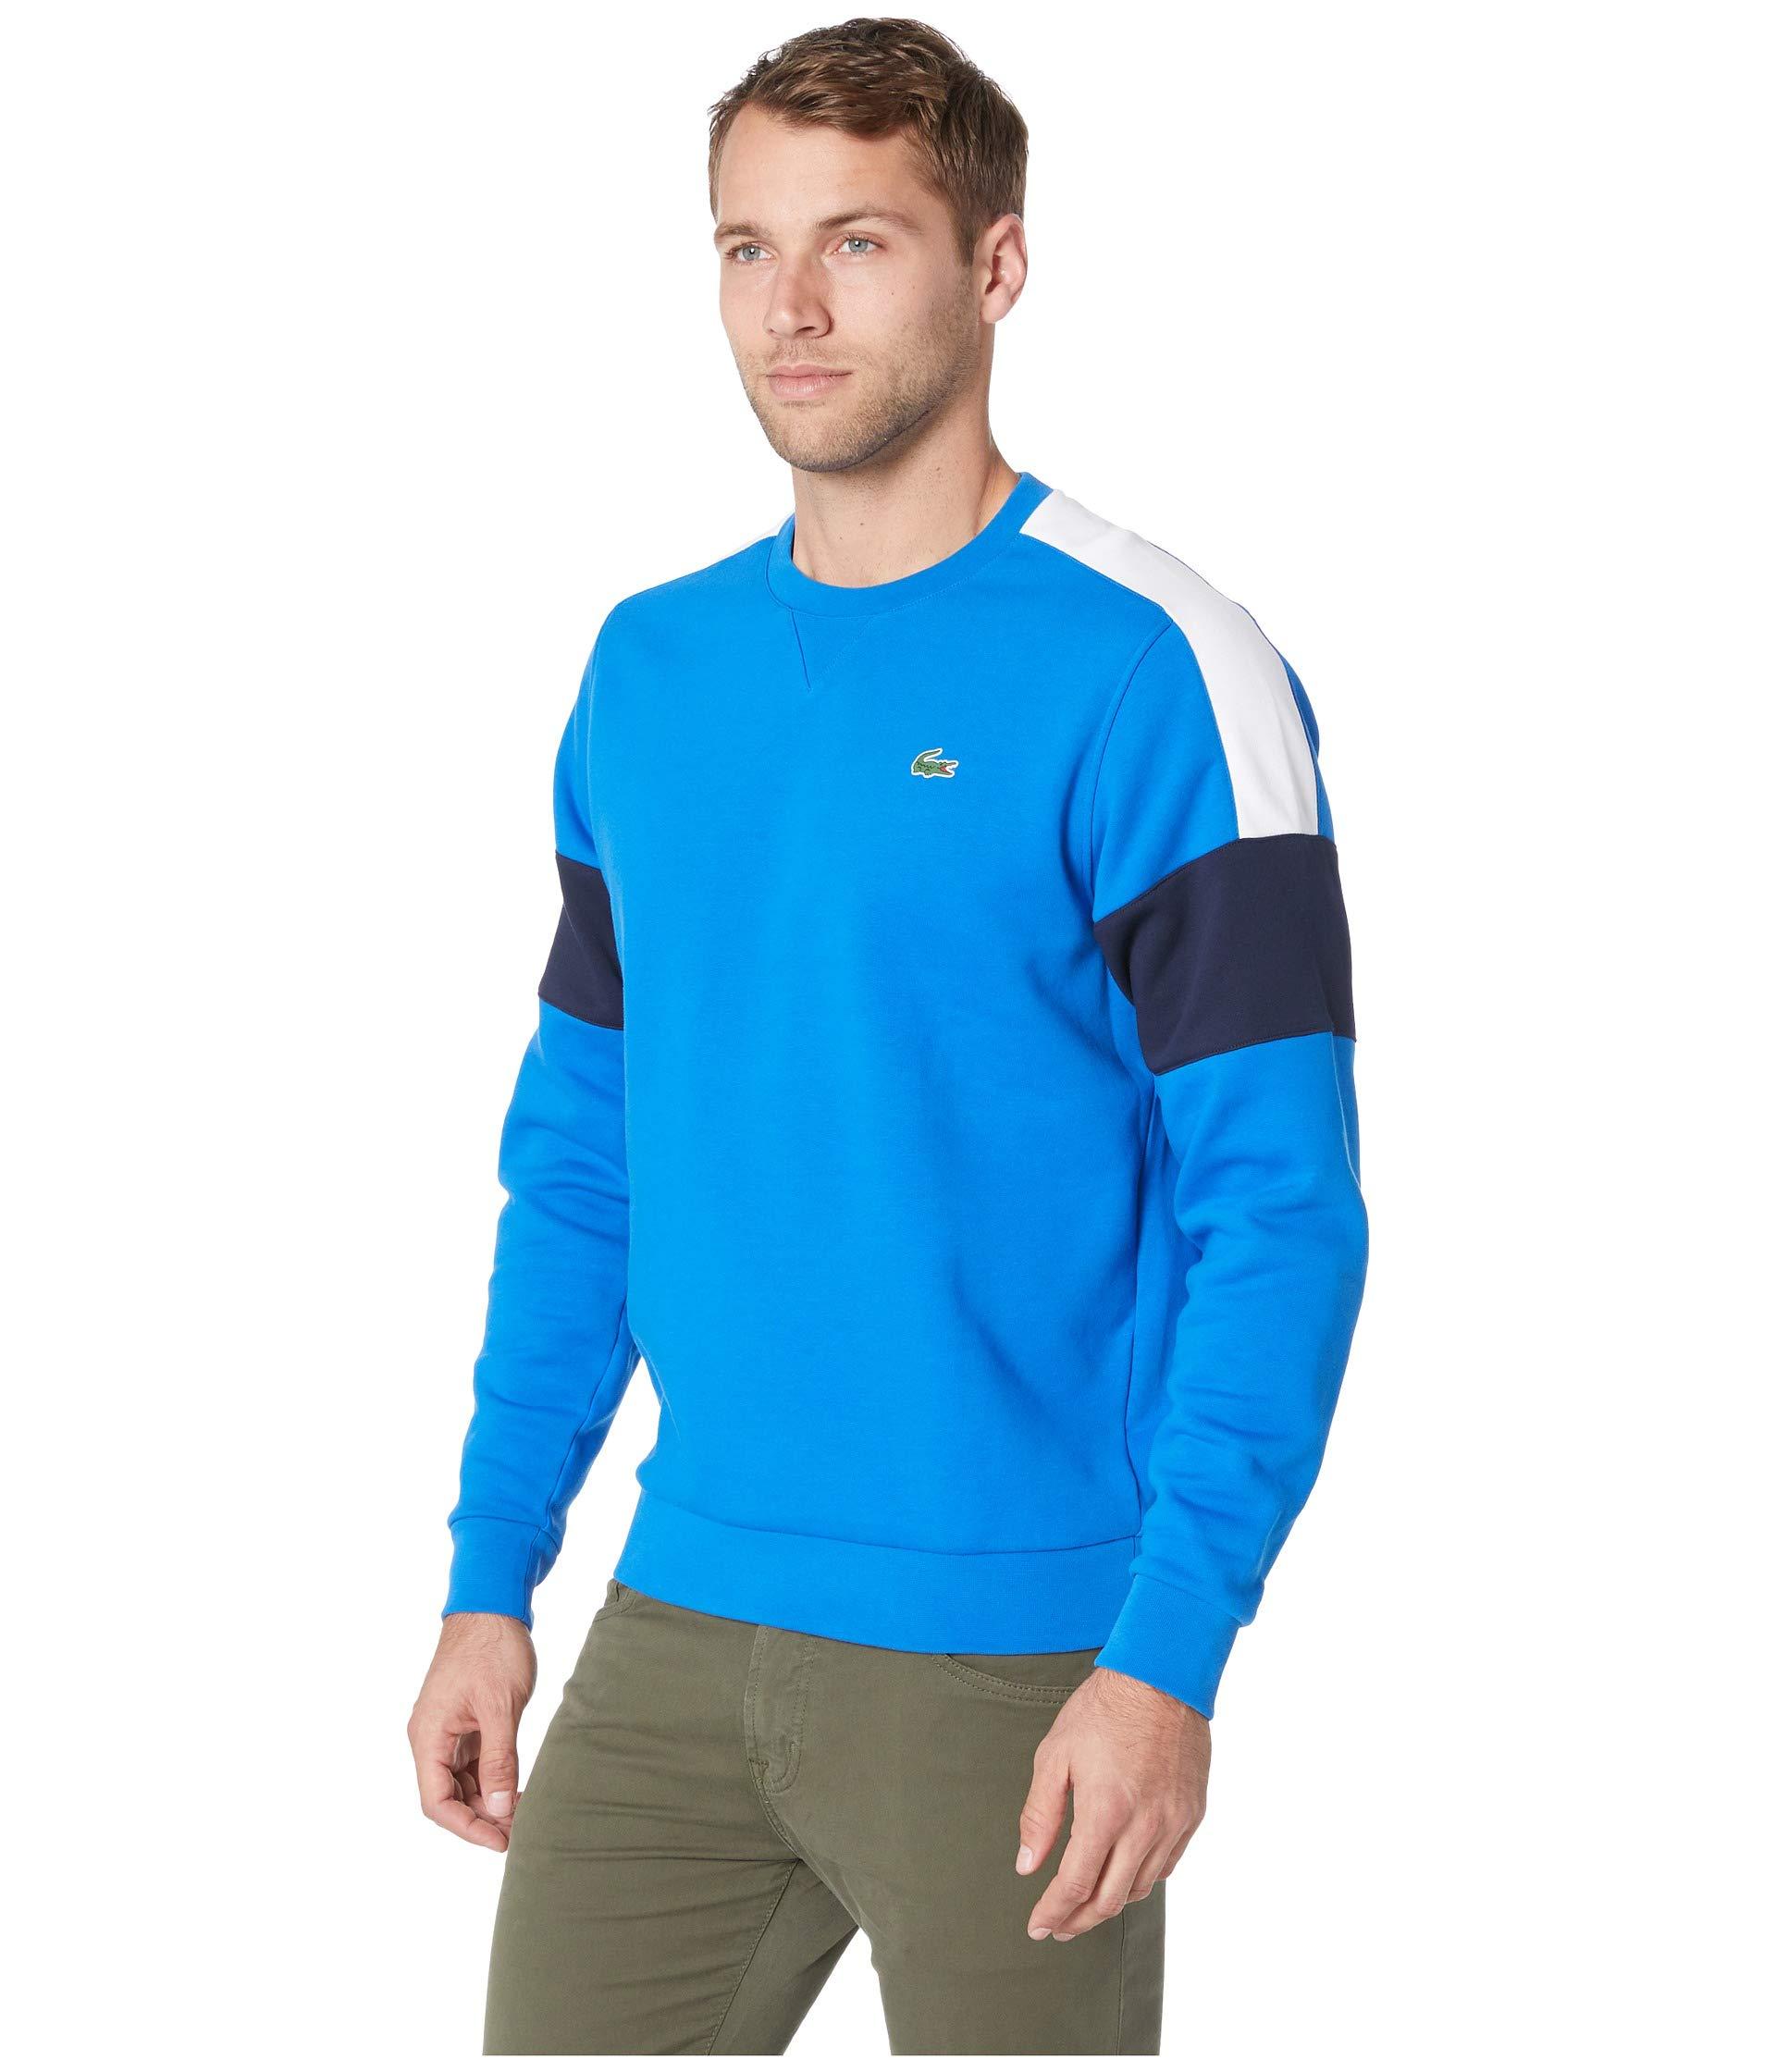 Semi Yoke Lacoste Royal Blue Contrast Color Fancy white Sweatshirt navy Sport W 1S5BwAq